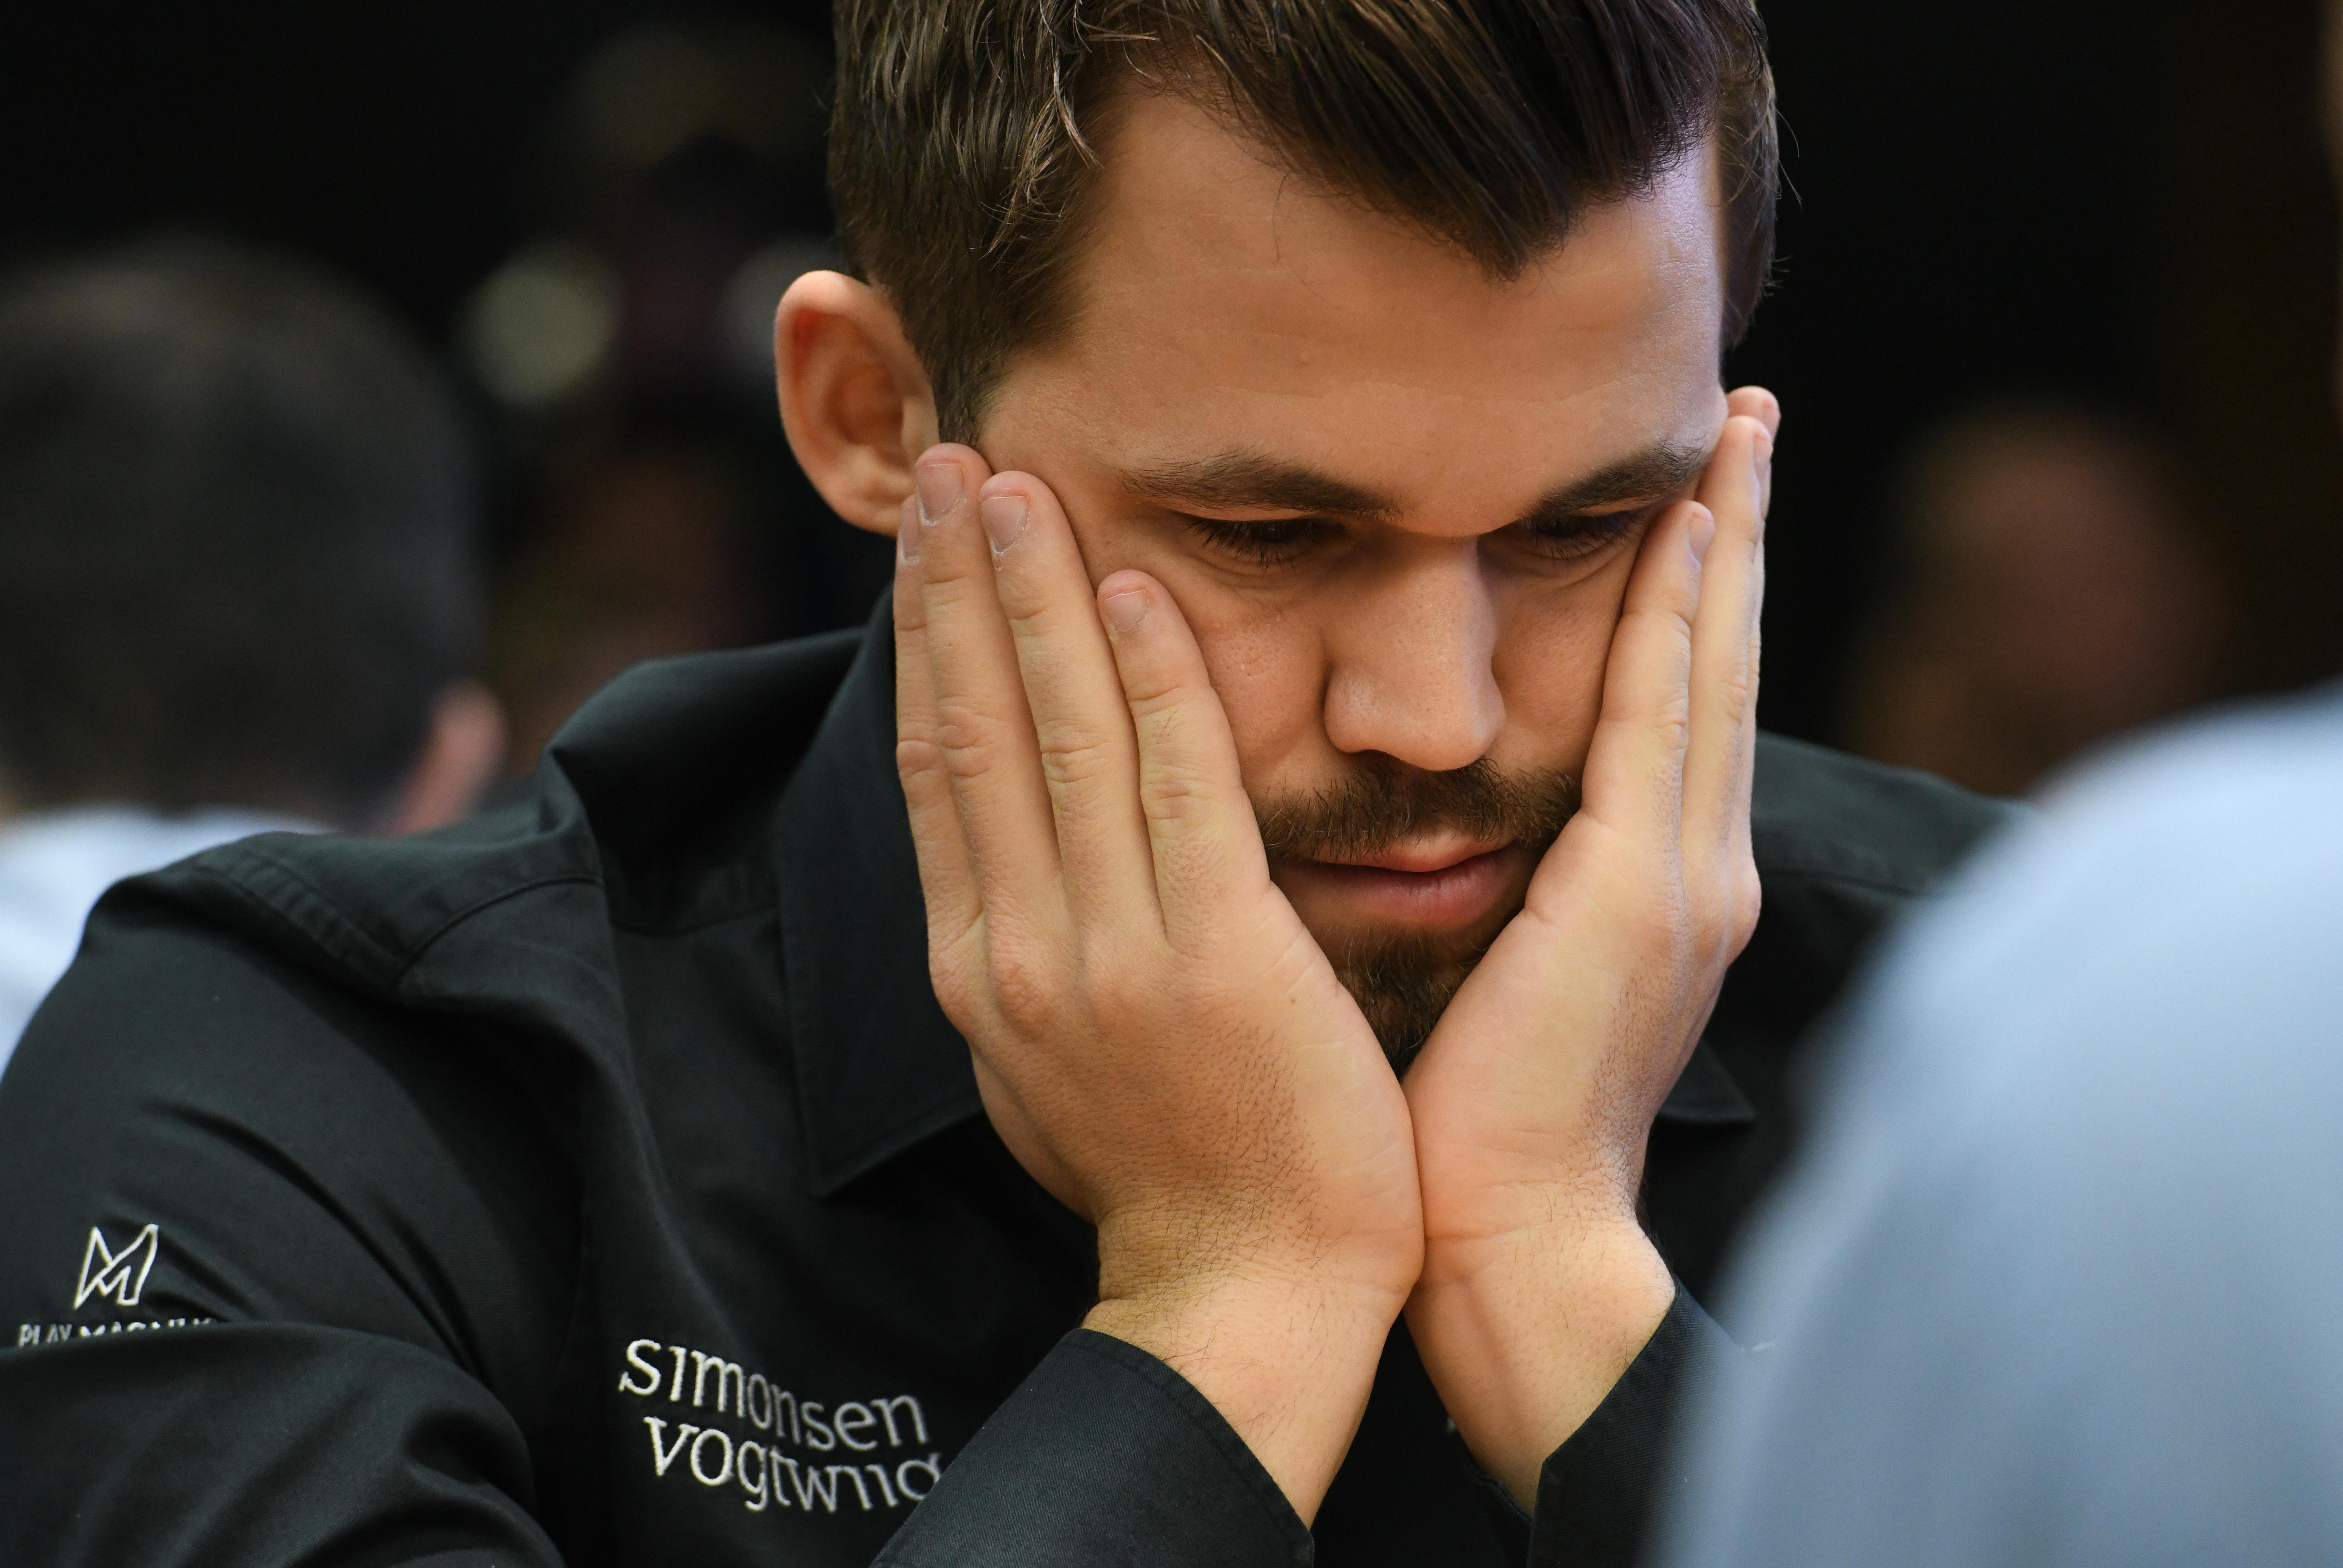 Magnus Carlsen: Letörik a lányok sakk iránti lelkesedését